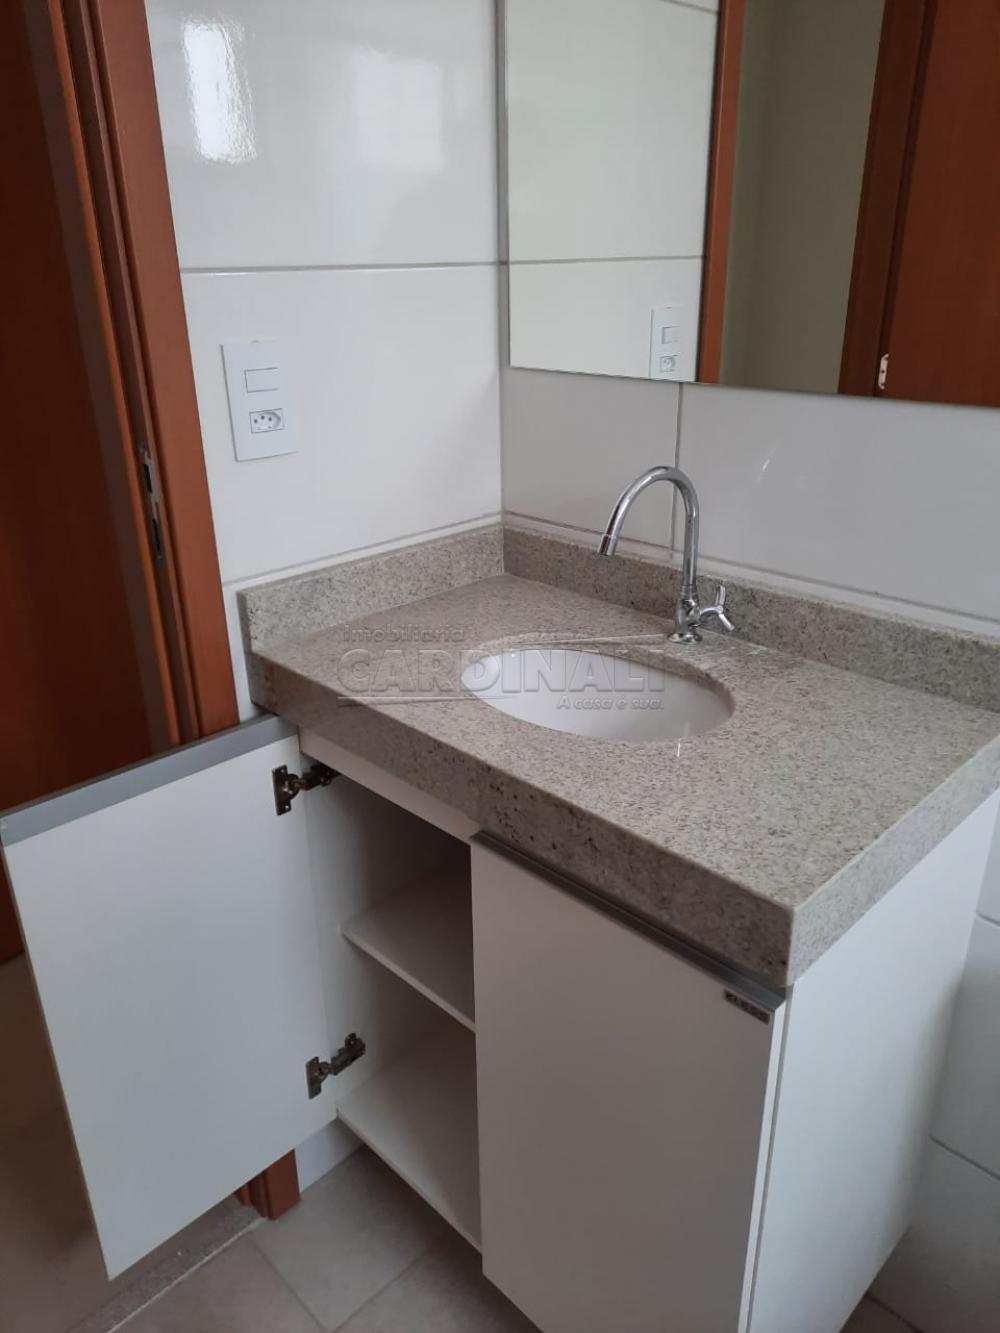 Alugar Apartamento / Padrão em São Carlos R$ 1.800,00 - Foto 41